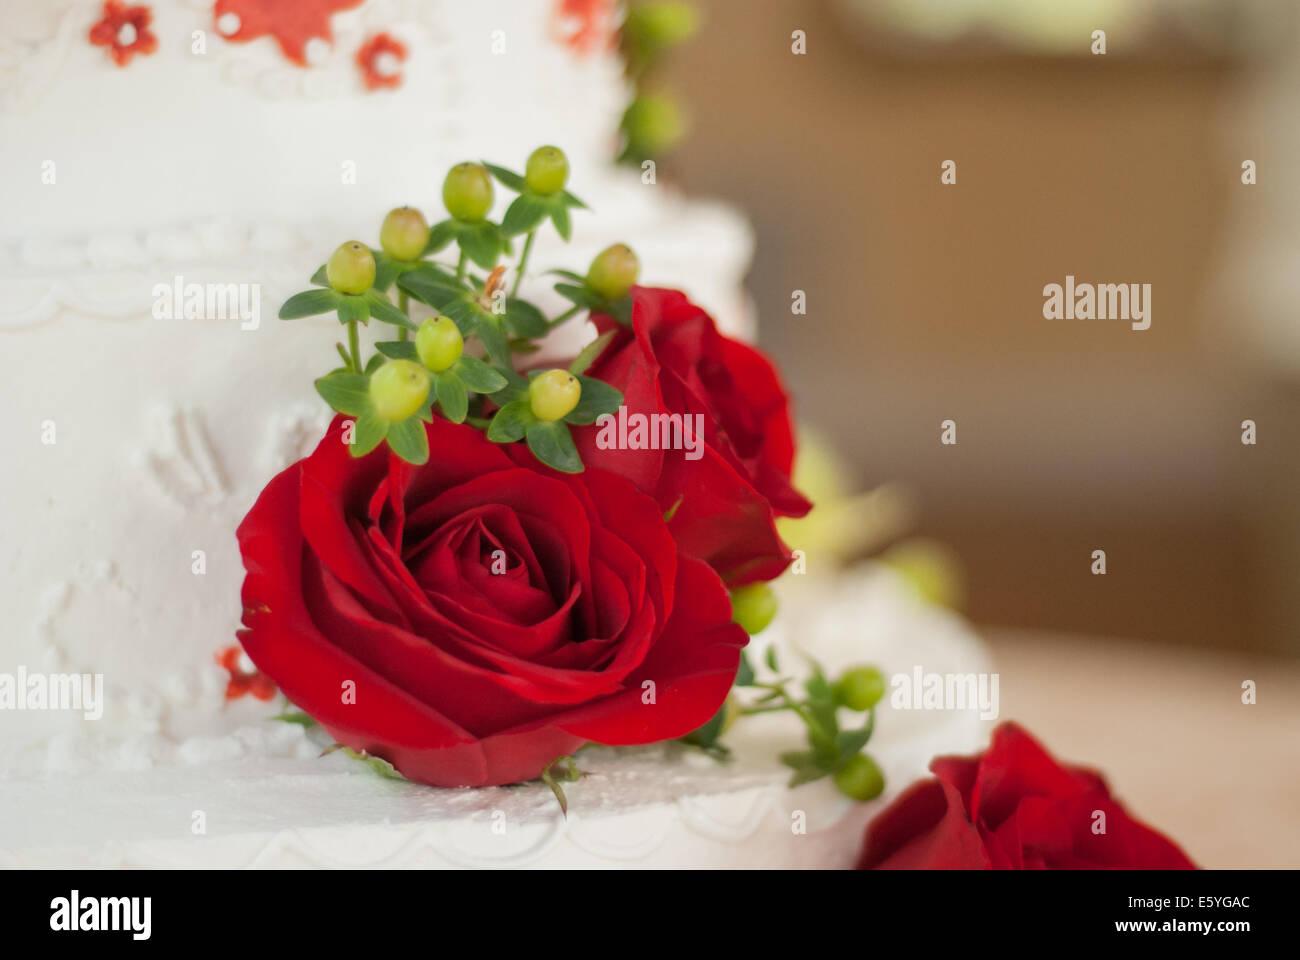 Rote Rosen Und Grun Schmucken Eine Einfache Buttercreme